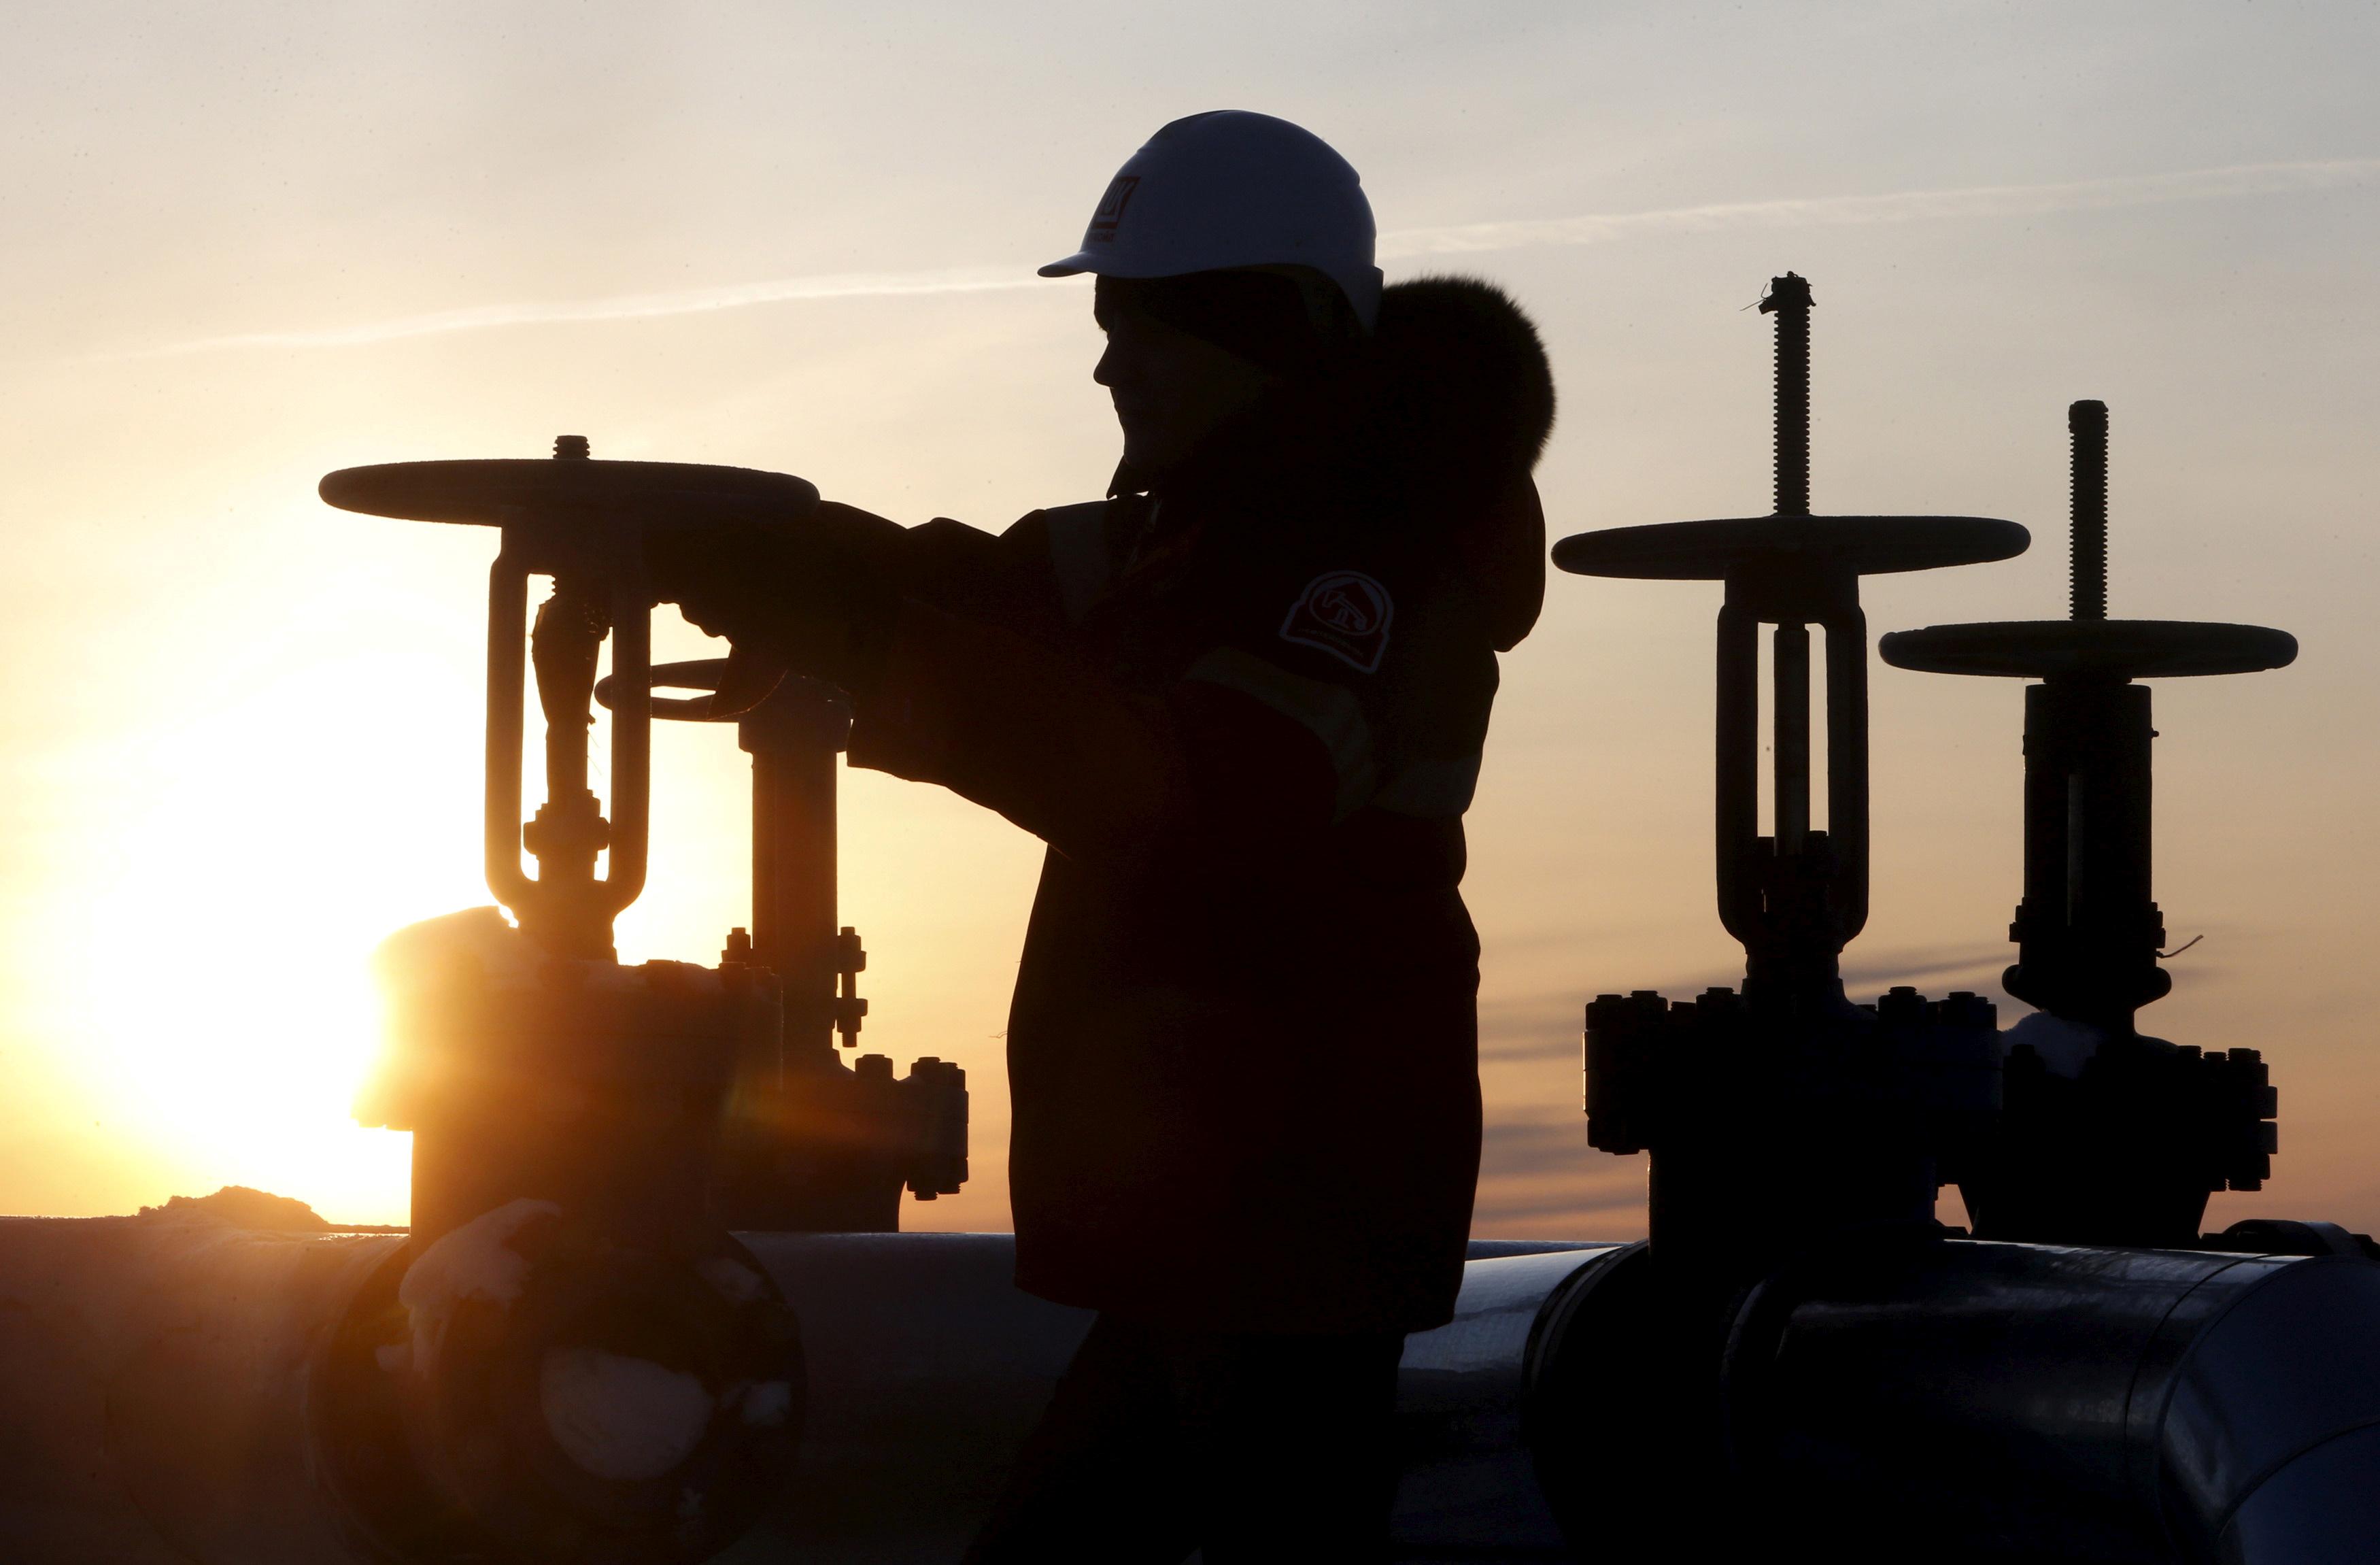 Замораживать добычу нефти дороже, чем качать её на минусовых значениях